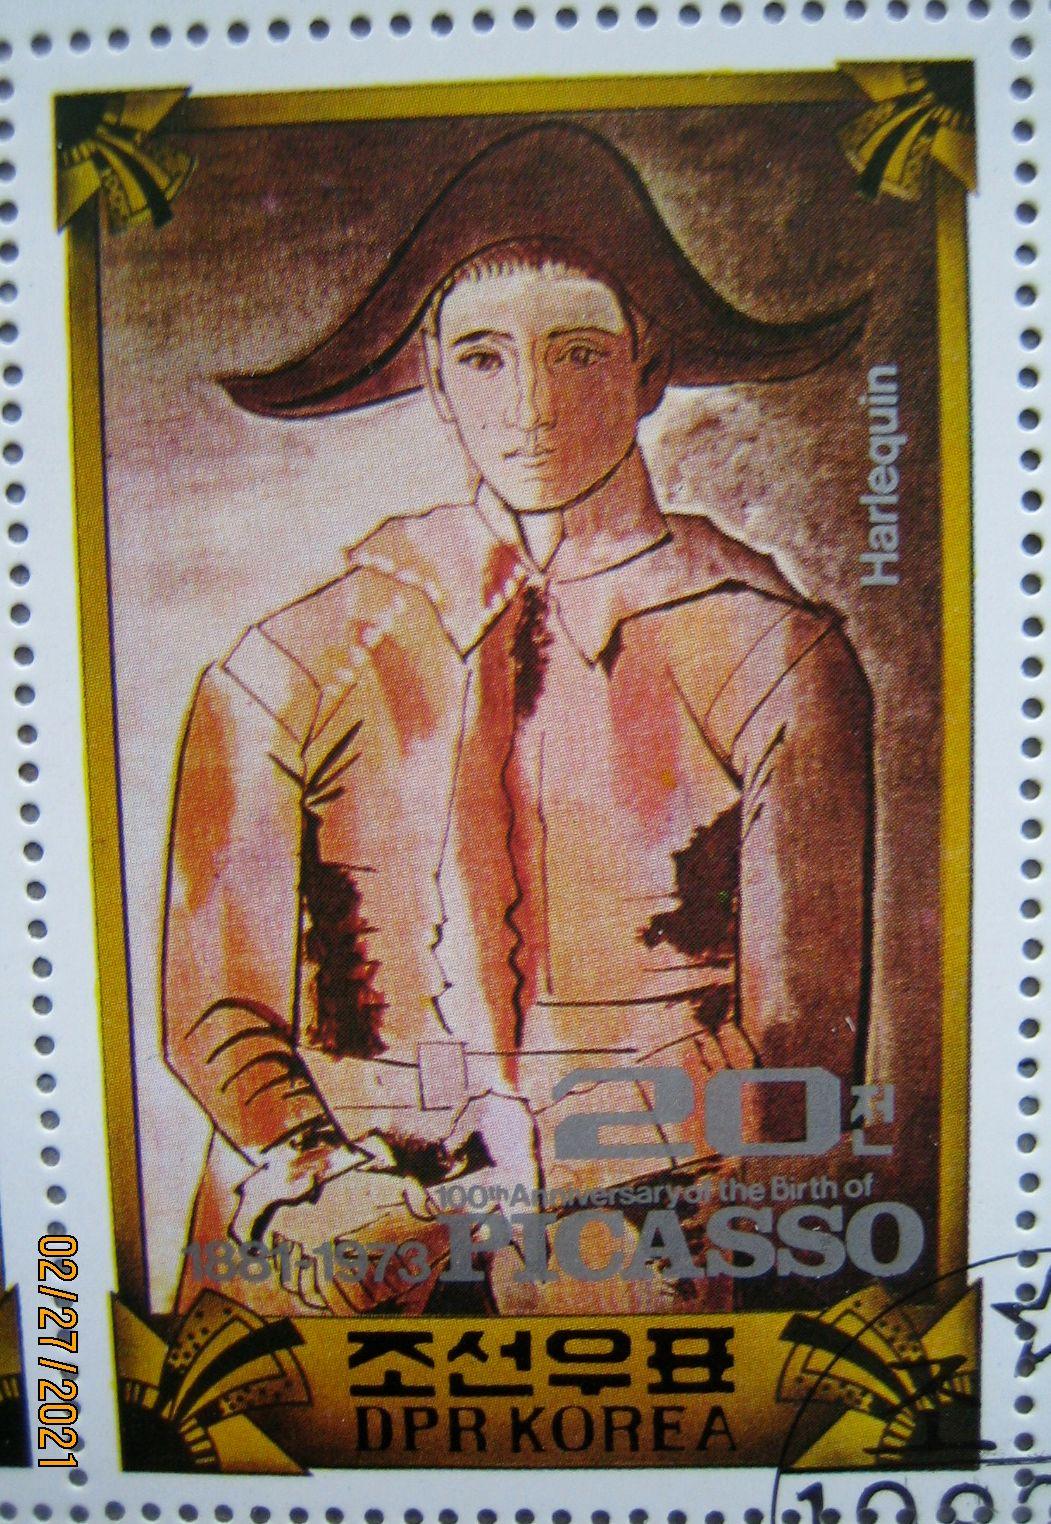 Марка из блока КНДР, 1982.  посвященного «100 летию со дня рождения Пабло Пикассо»  с картиной «Арлекин со скрещенными руками (Хасинто Сальвадо)» номер по каталогу № Скотт 2145-51 (А1068)